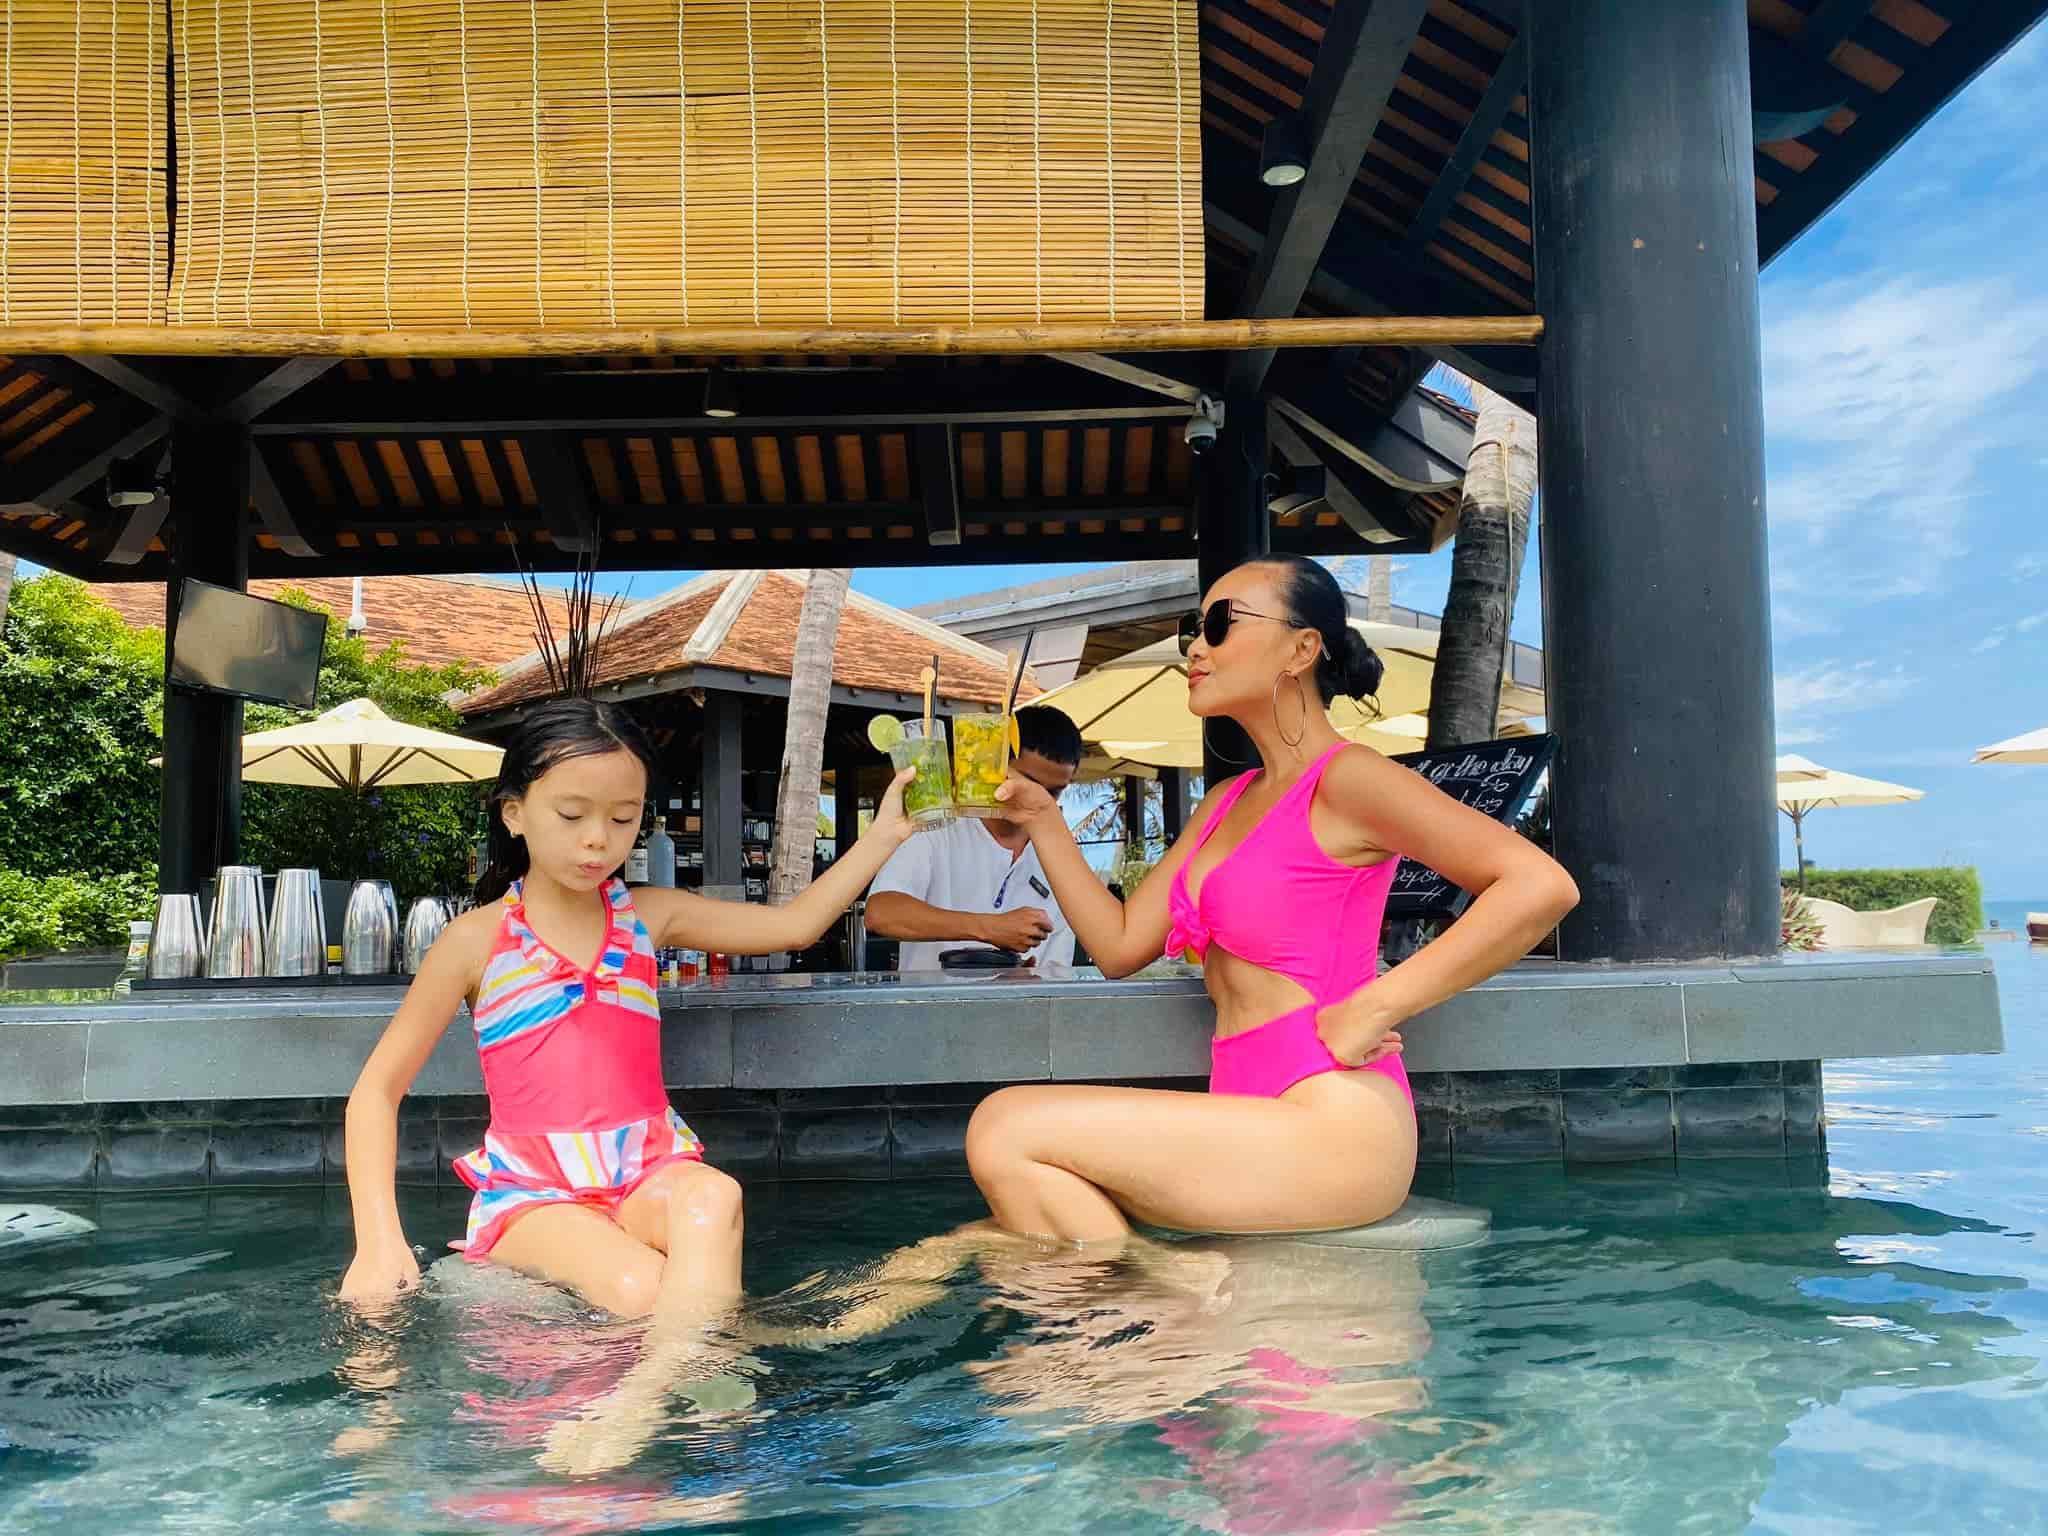 Mới 7 tuổi, con gái Đoan Trangkhoe đôi chân dài tựa siêu mẫu amp;#34;lấn átamp;#34; mẹ - 5